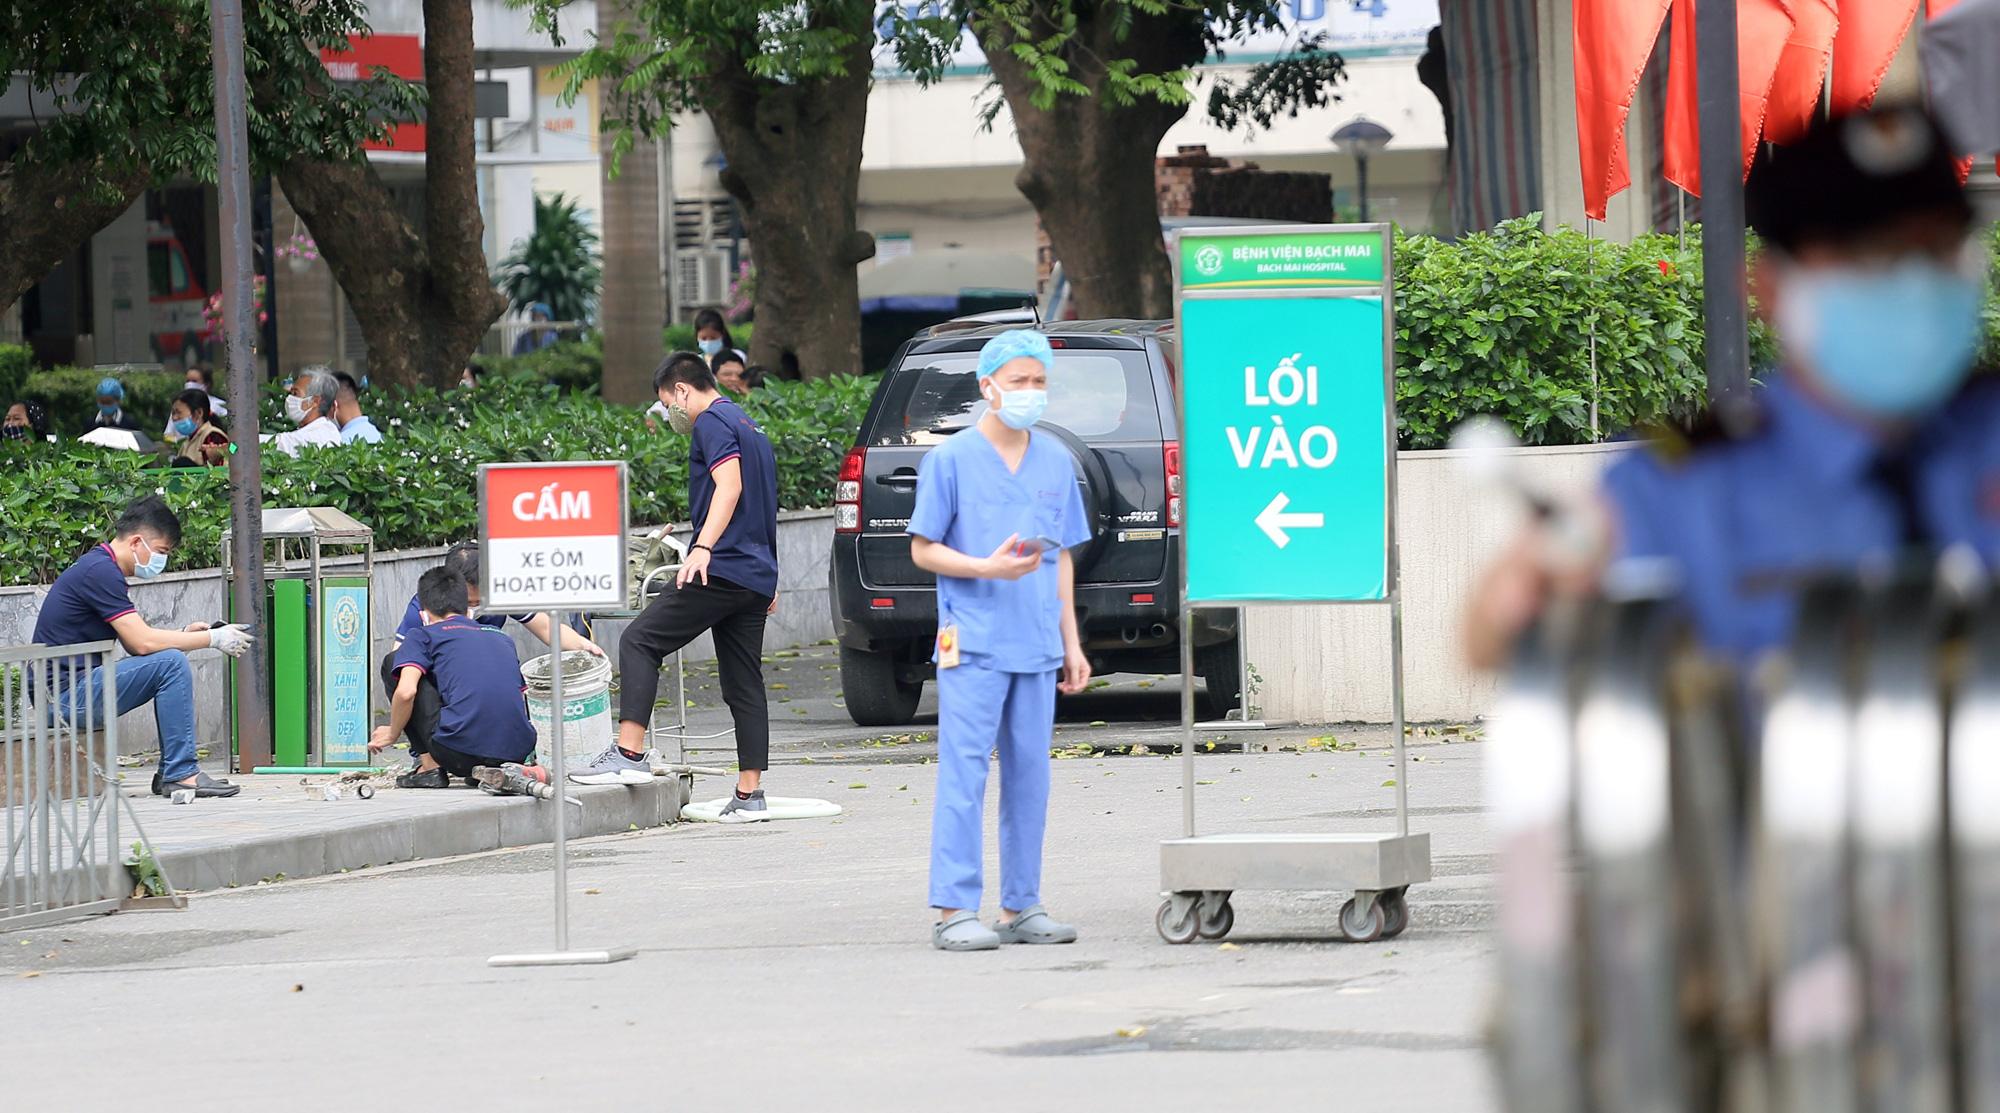 Kiểm soát người ra vào bệnh viện Bạch Mai sau khi phát hiện nhiều ca nhiễm Covid-19 - Ảnh 12.